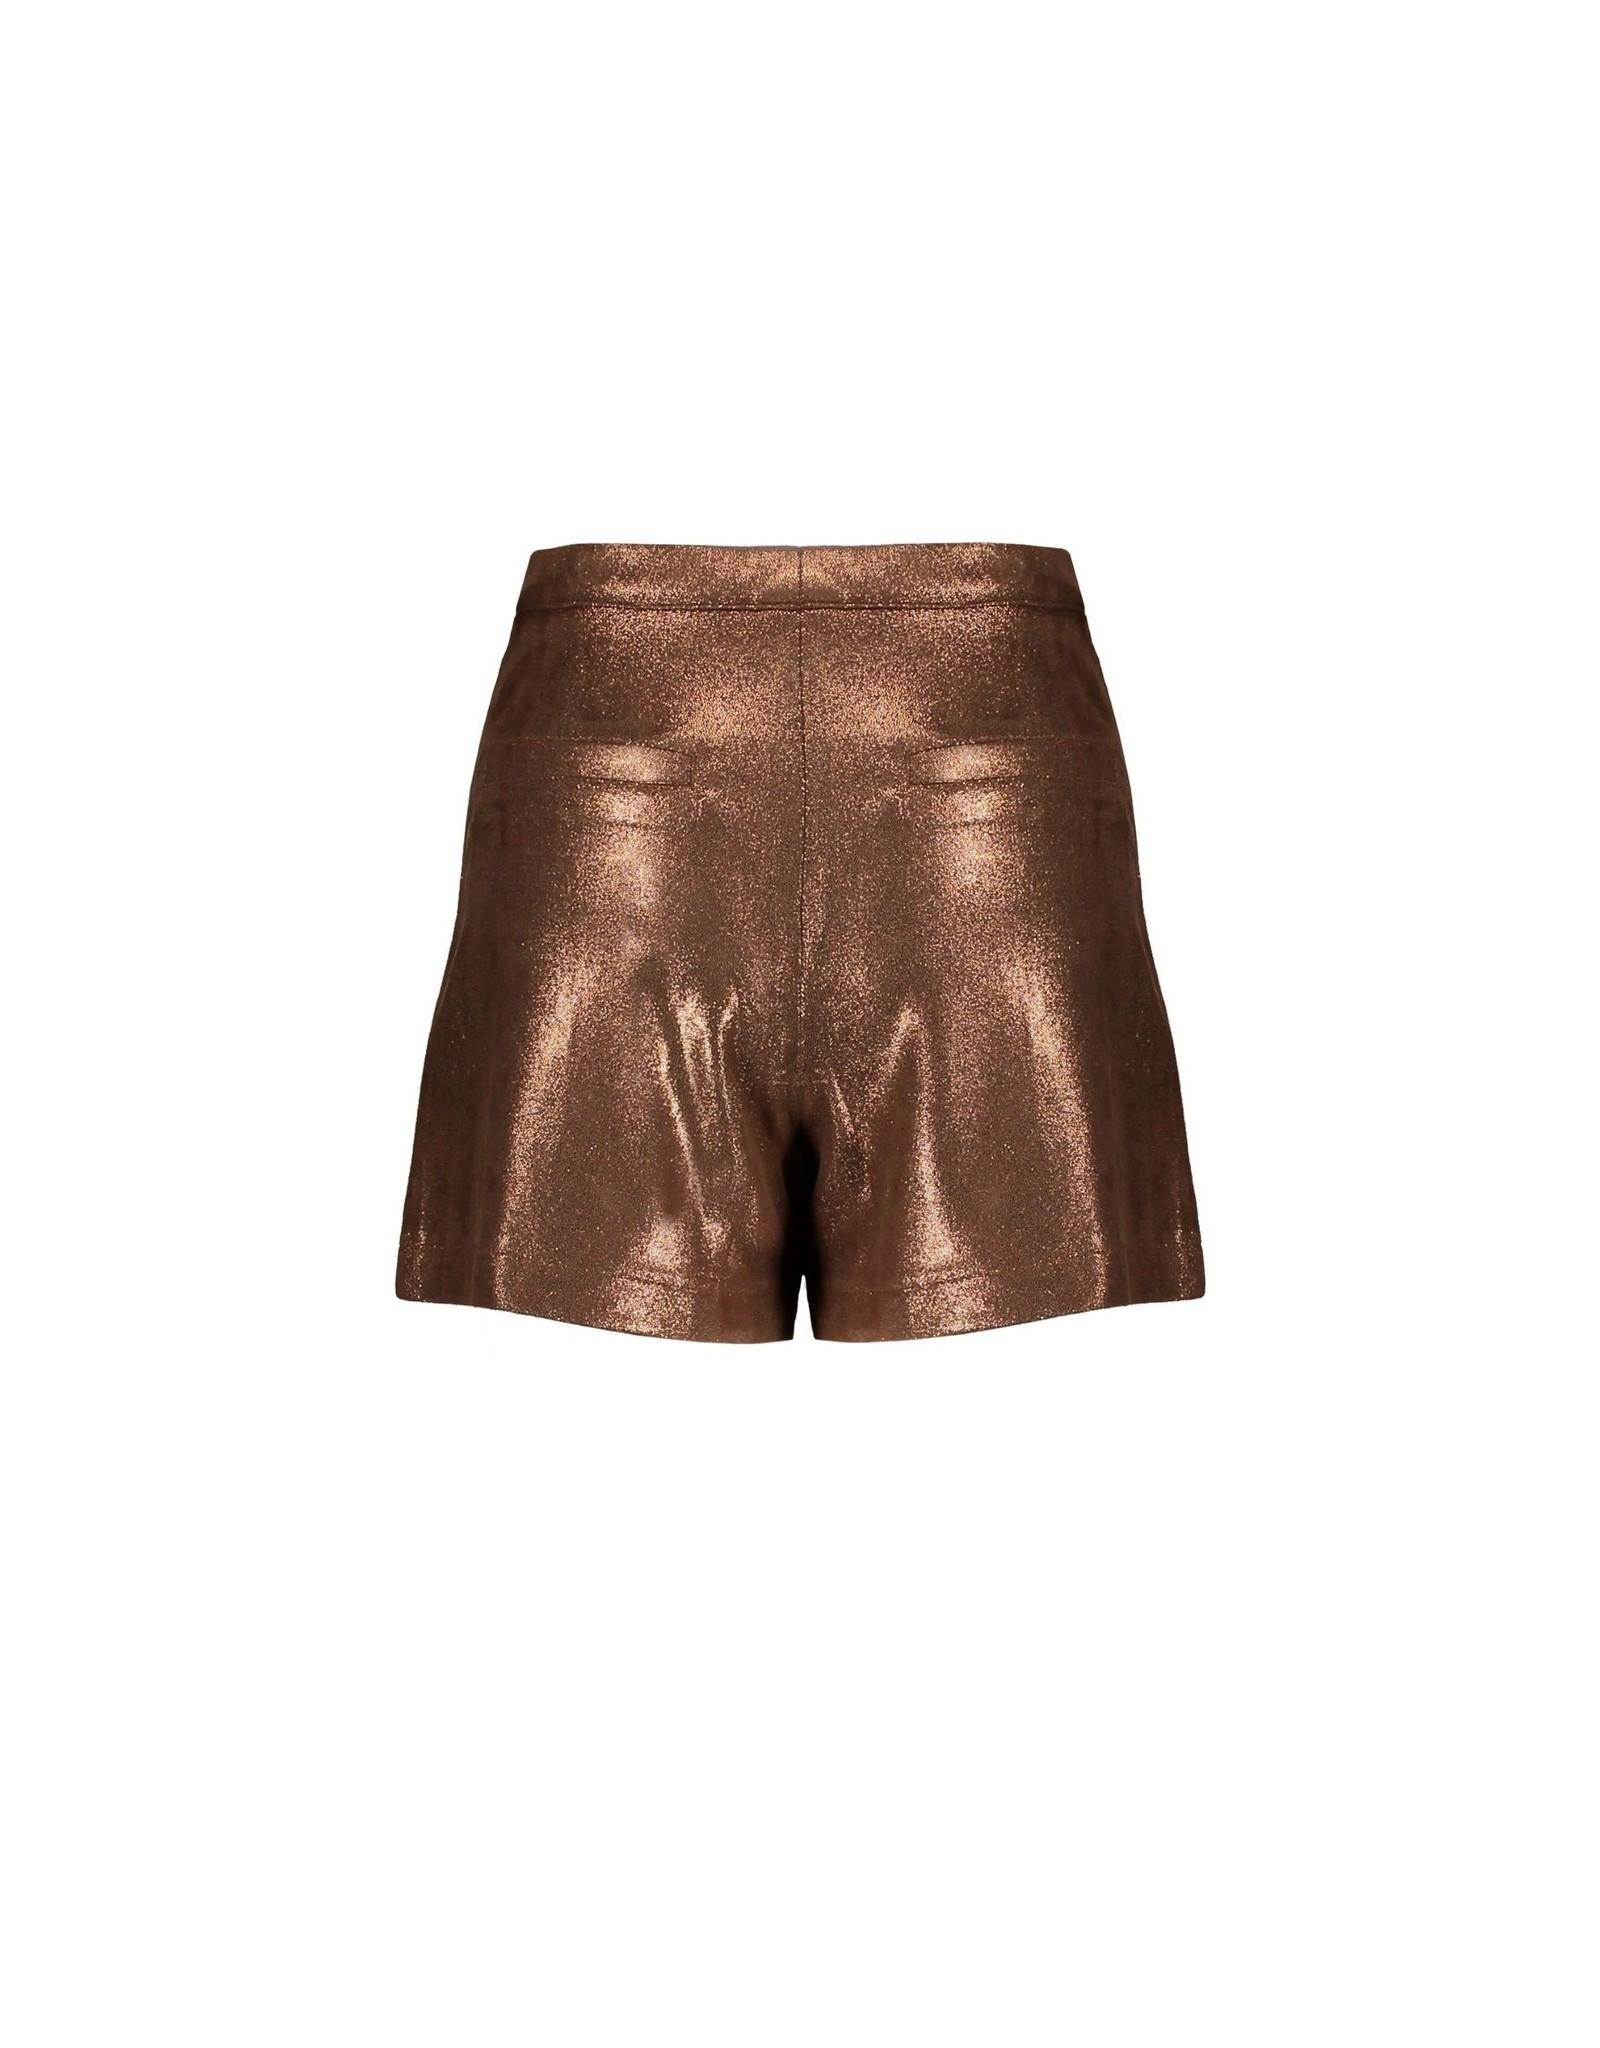 NONO NONO short with skirt 5608 warm copper